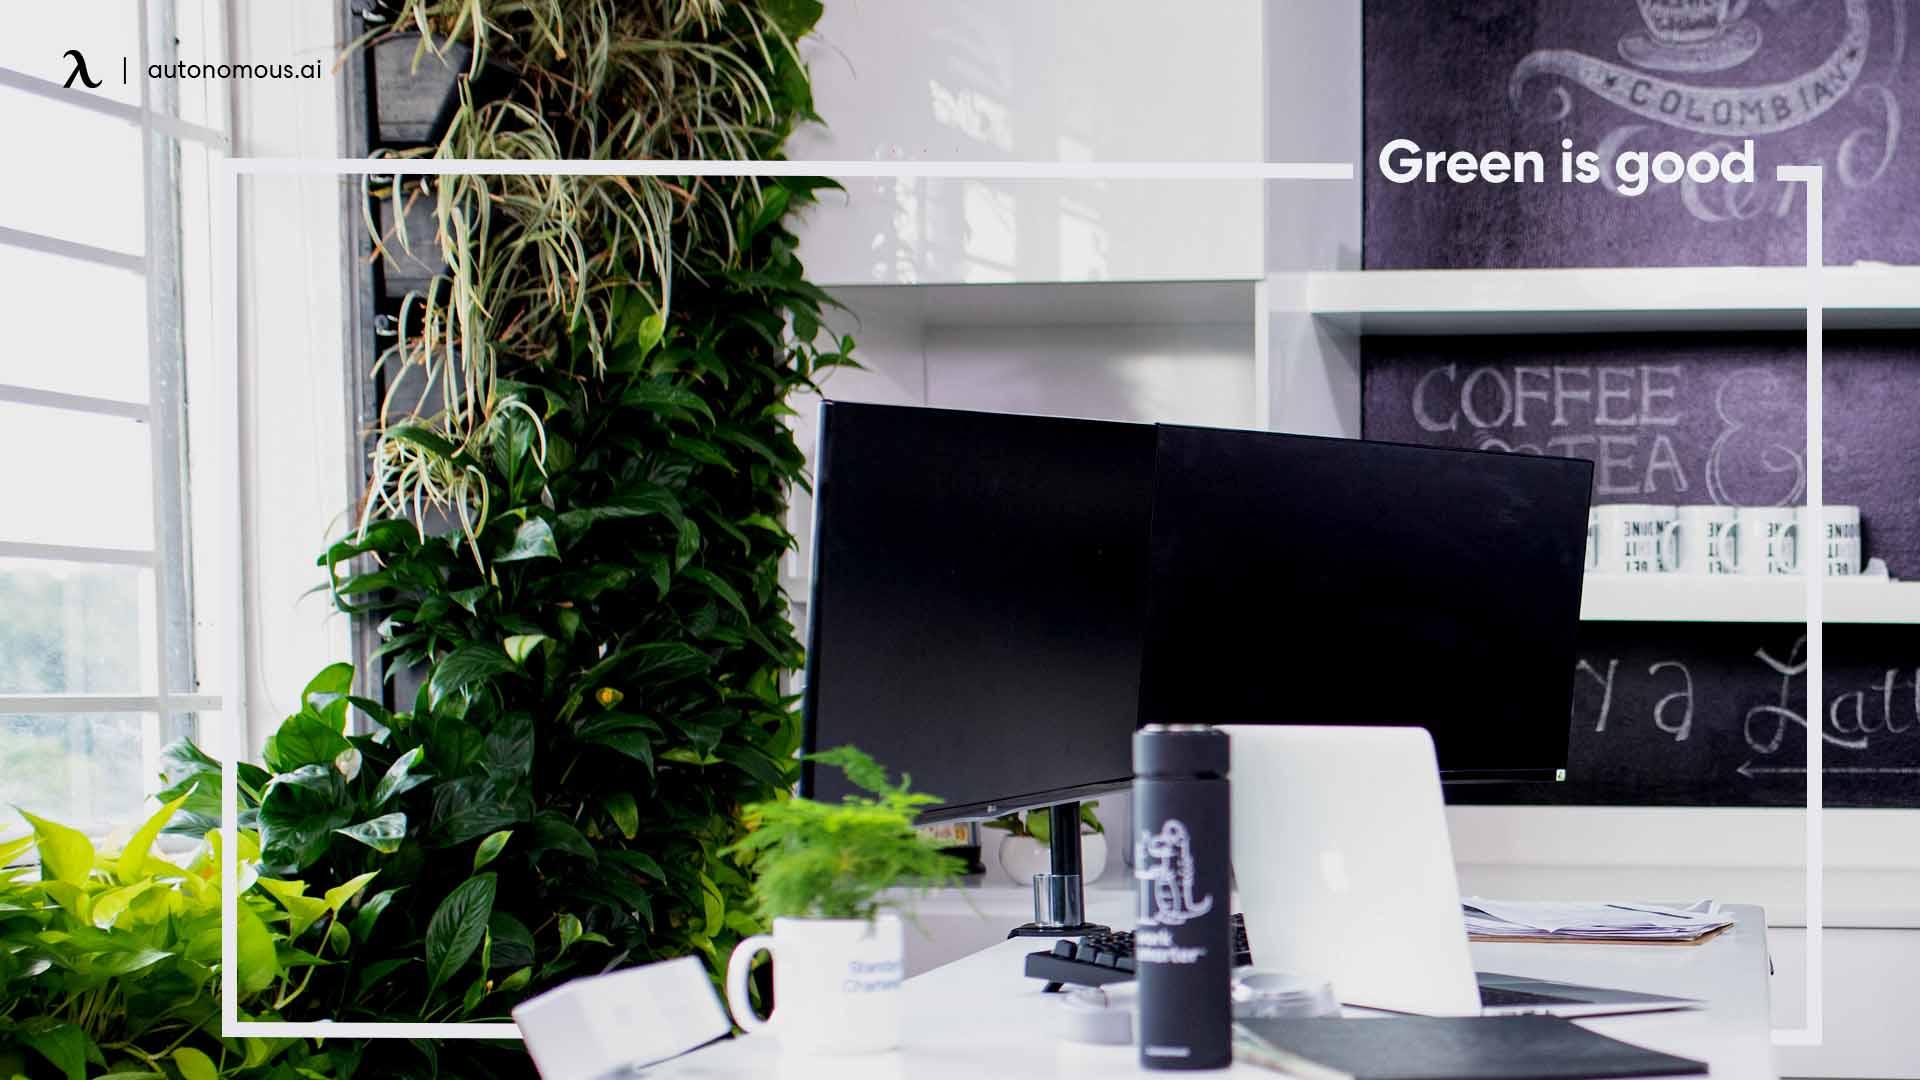 Most productive desk setup with plants